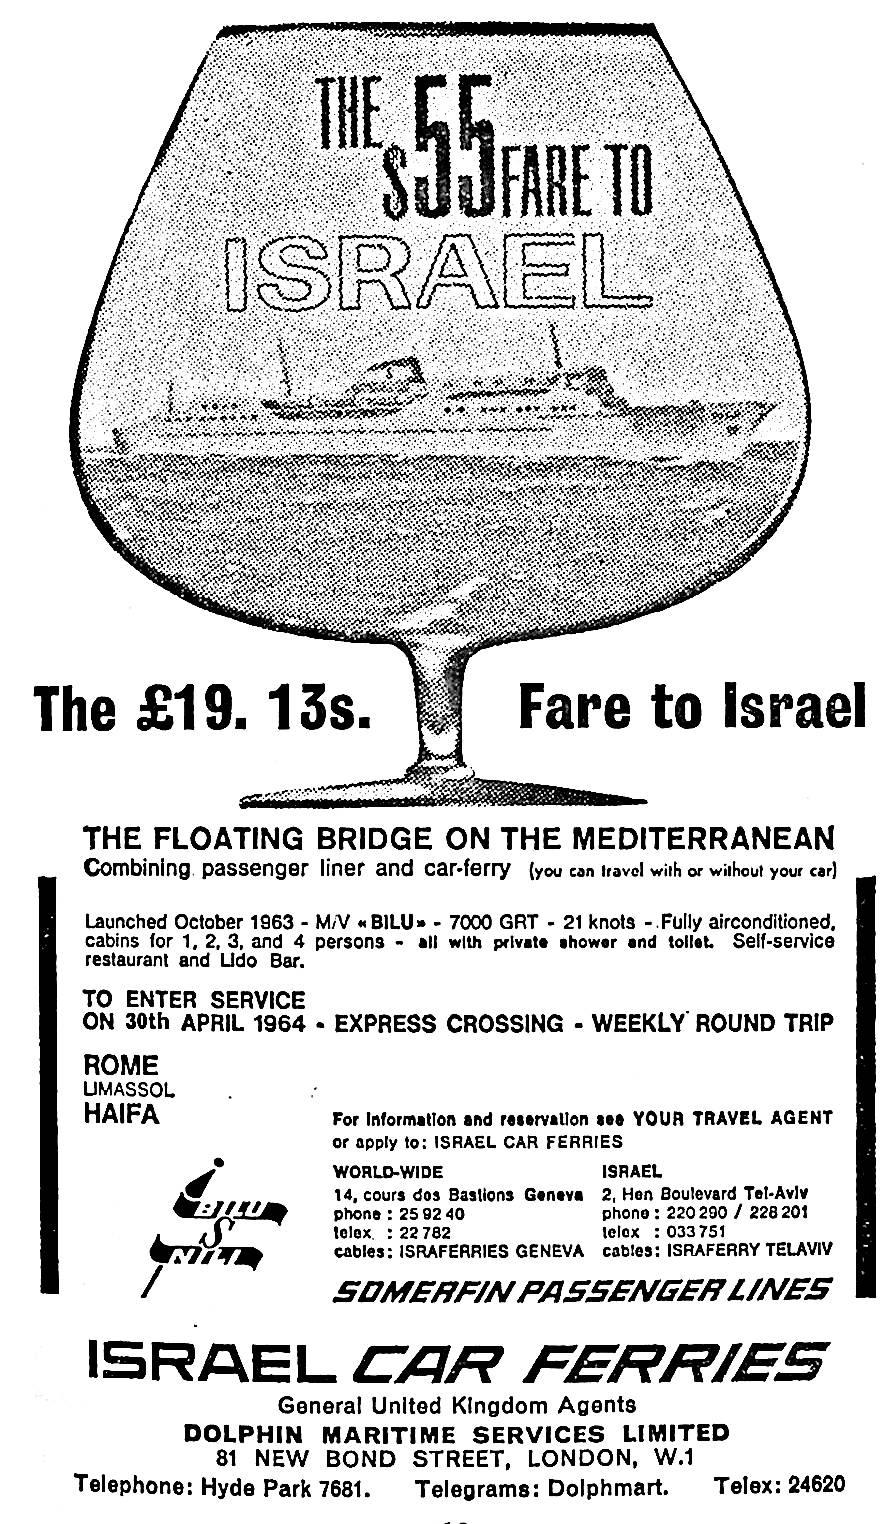 1964JTG04